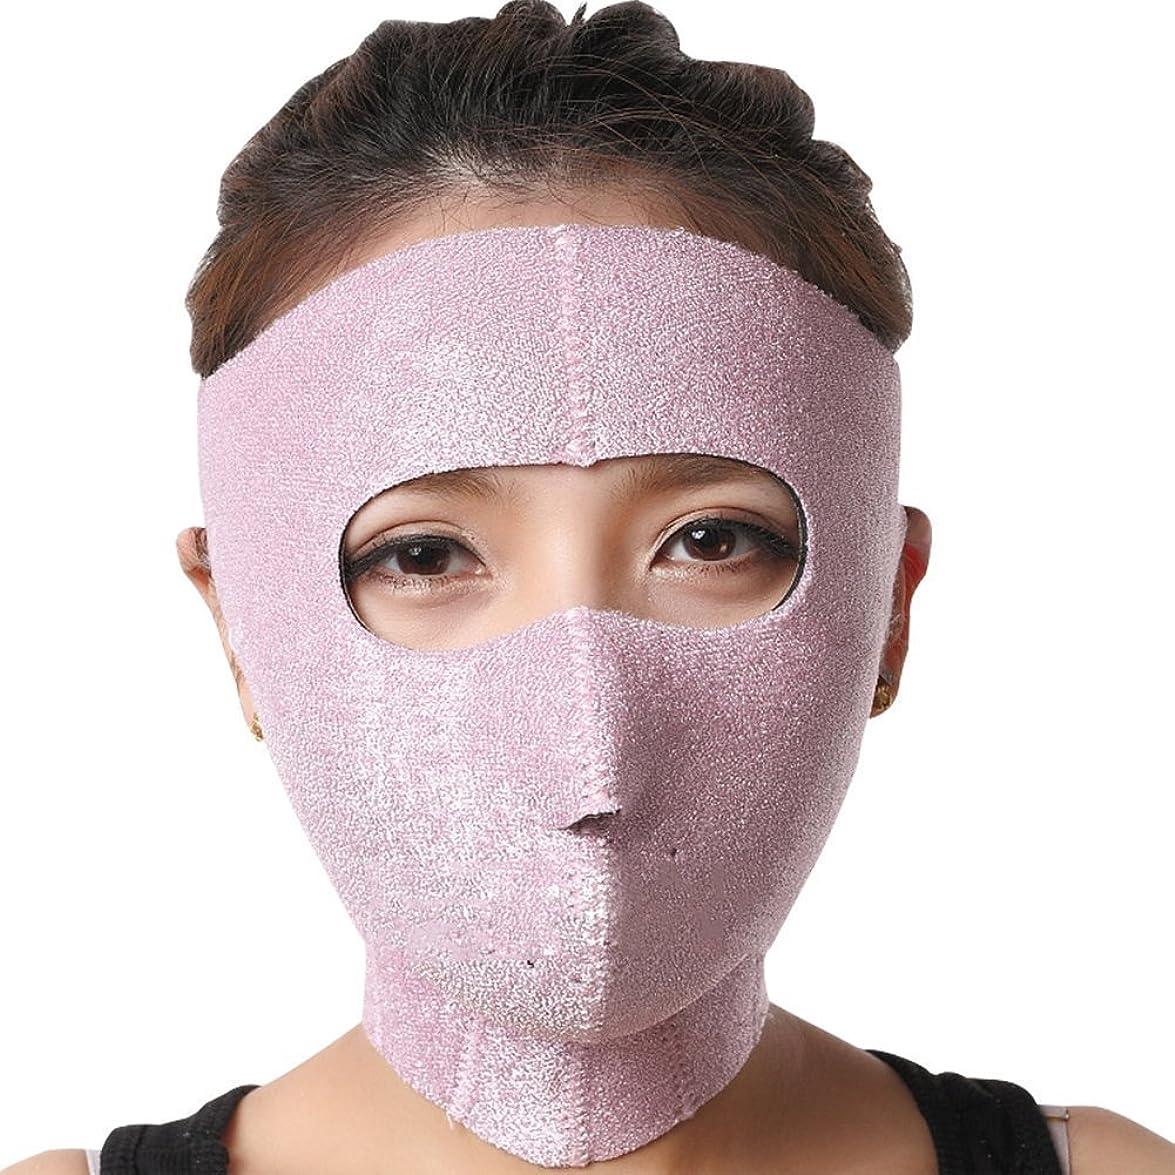 間違い例示するインク汗だくマスク 小顔 サウナ マスク 汗 発汗 フェイス 顔 TEC-KONARUD